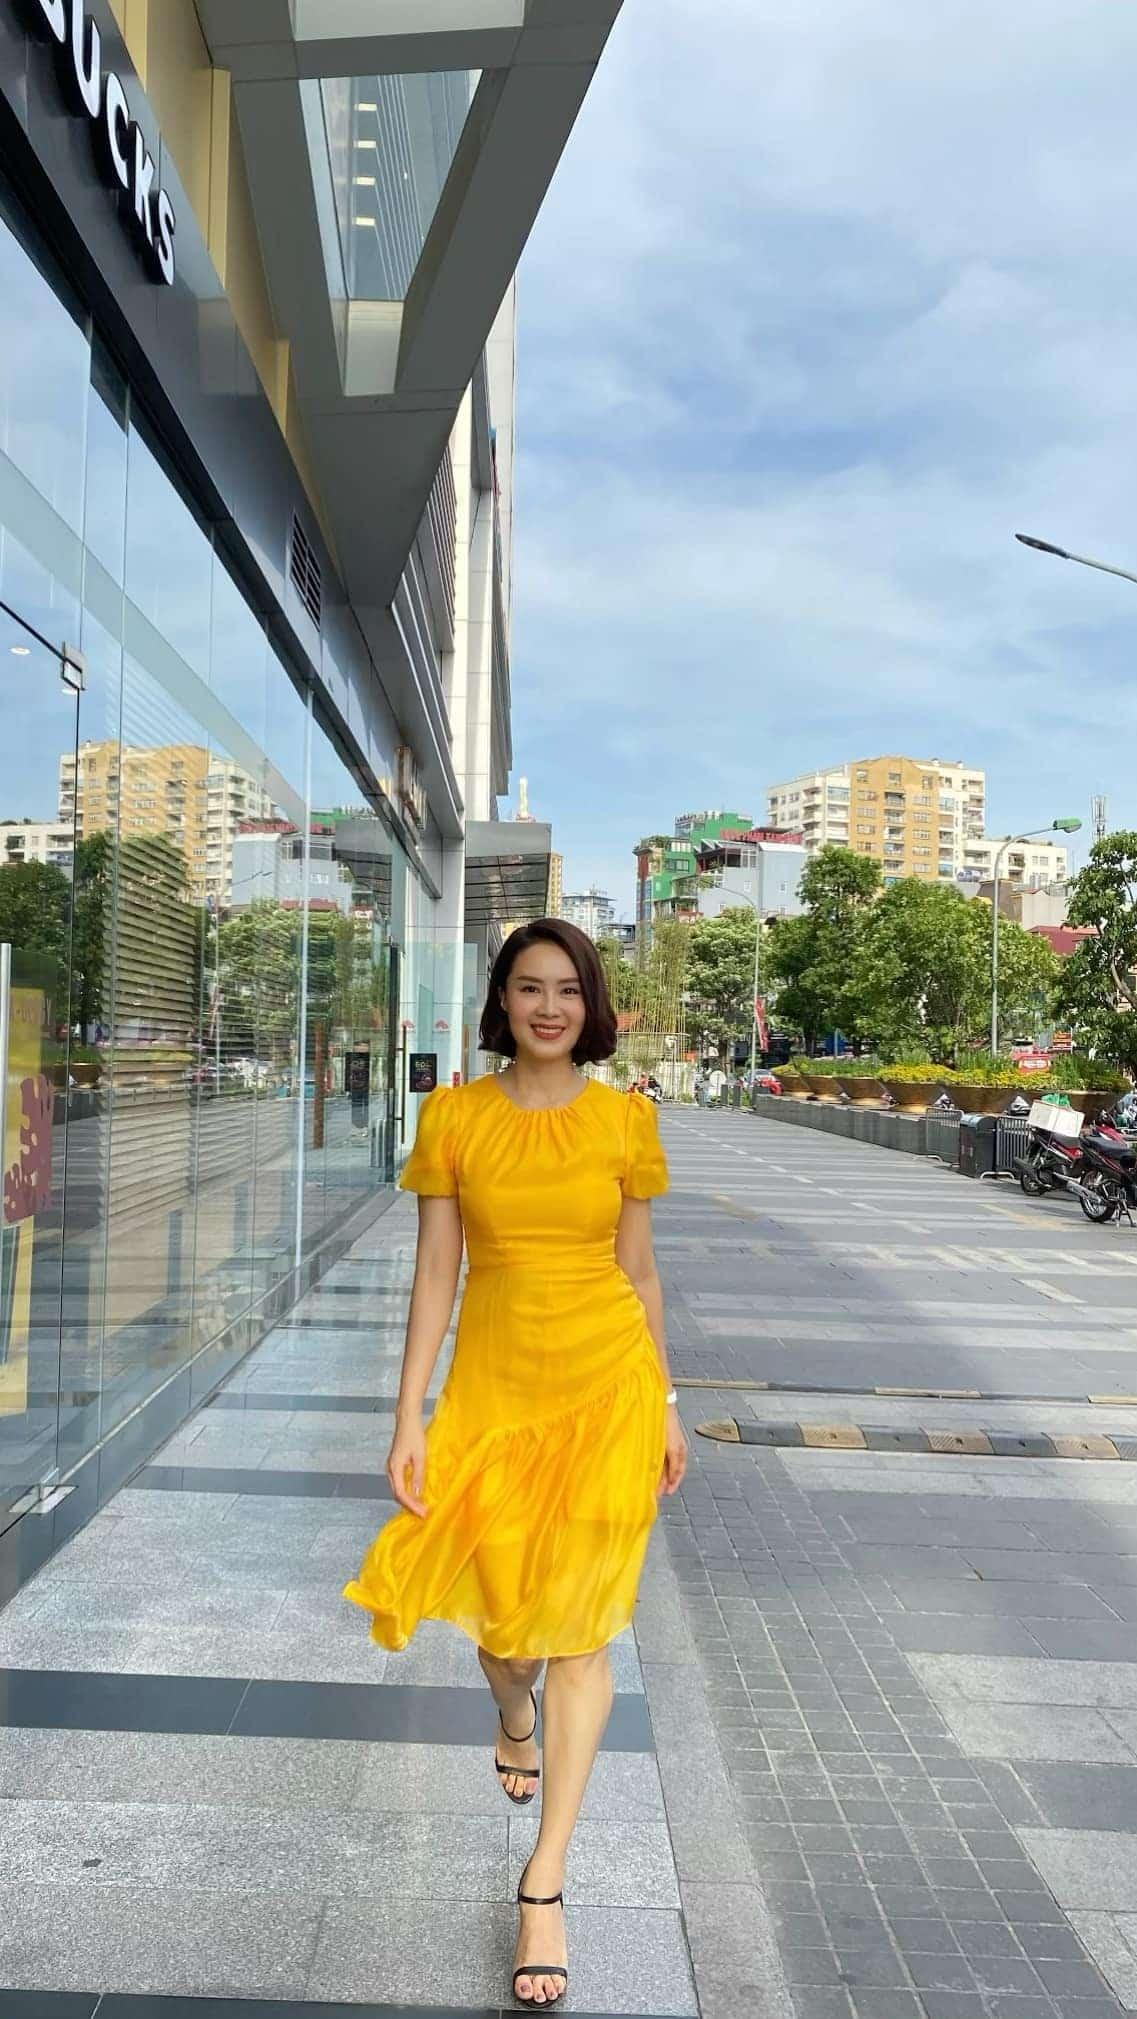 Hồng Diễm hoá thân nàng công chúa tuổi U40, không váy đầm bồng bềnh vẫn đẹp vượt mặt đàn em - 5